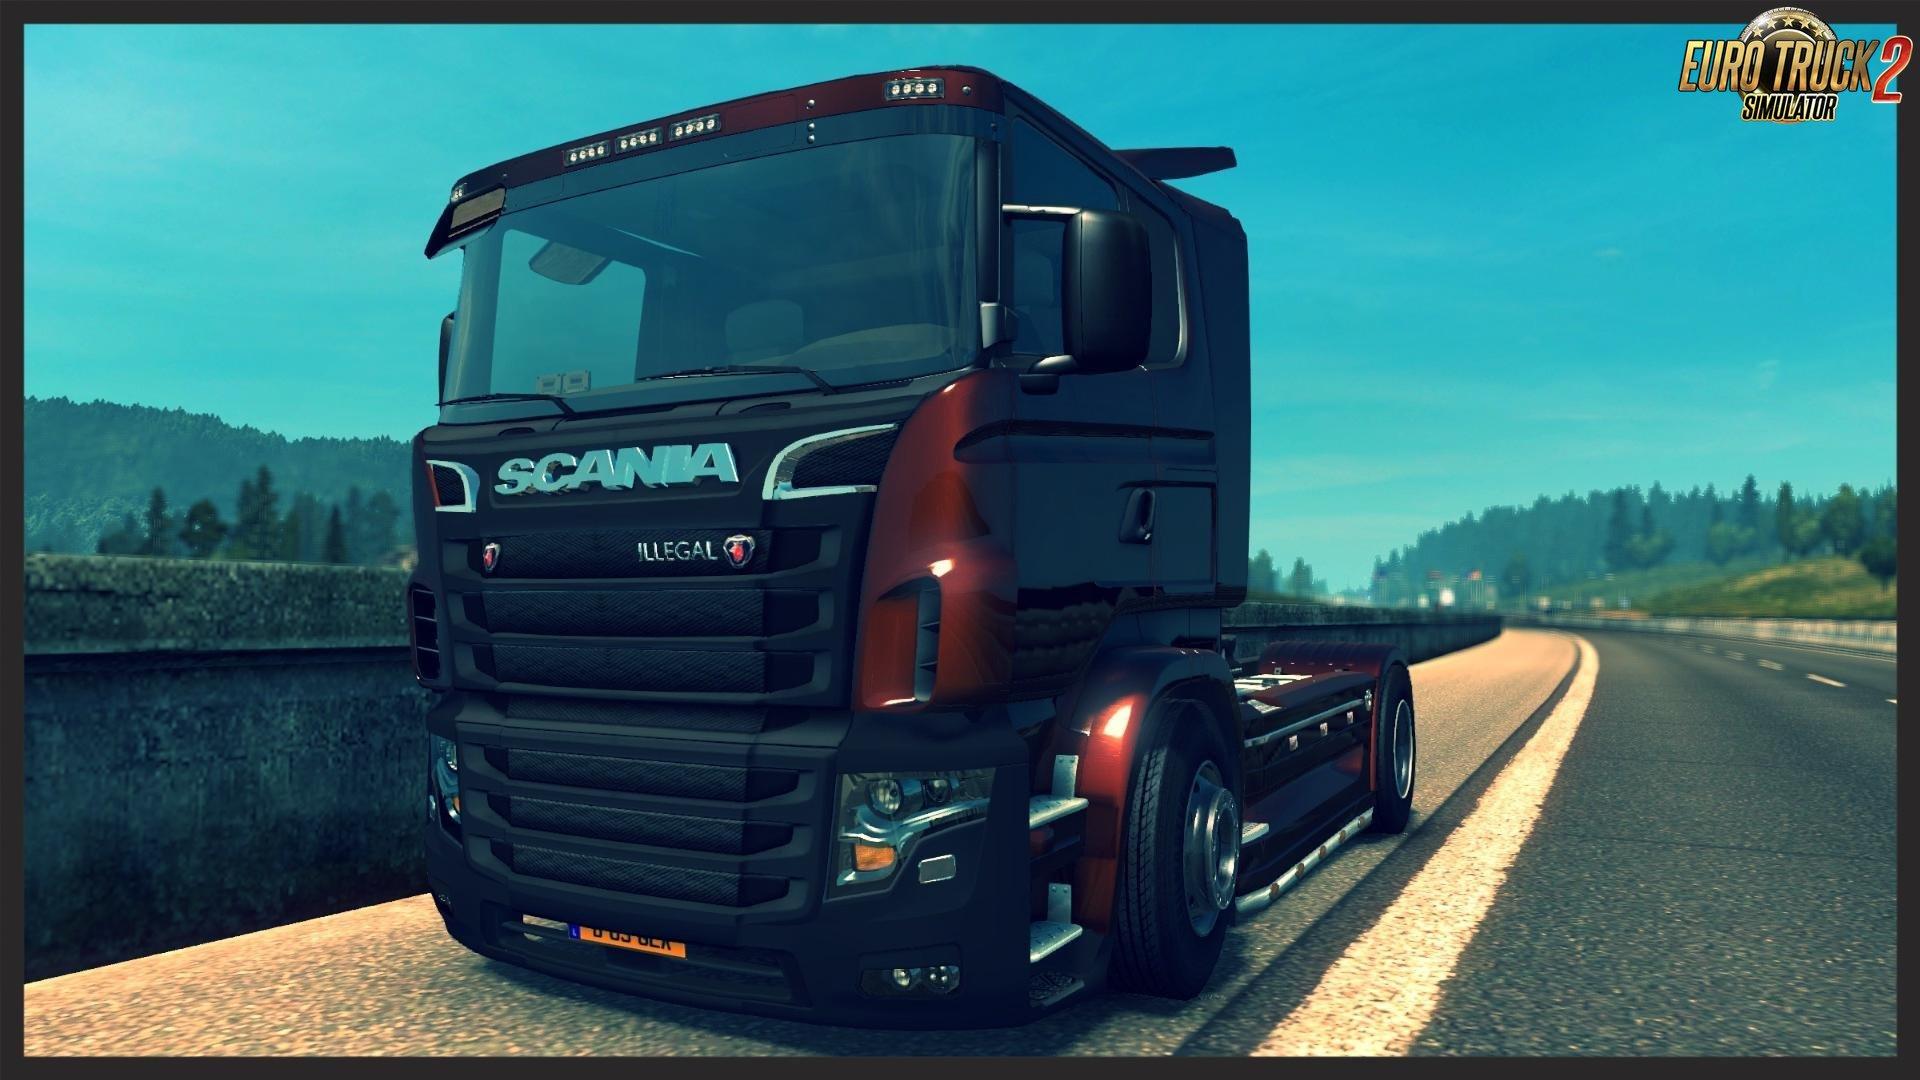 V8 illegal reworked truck v5 0 simulator games mods download - Scania Illegal Truck V8 For Ets2